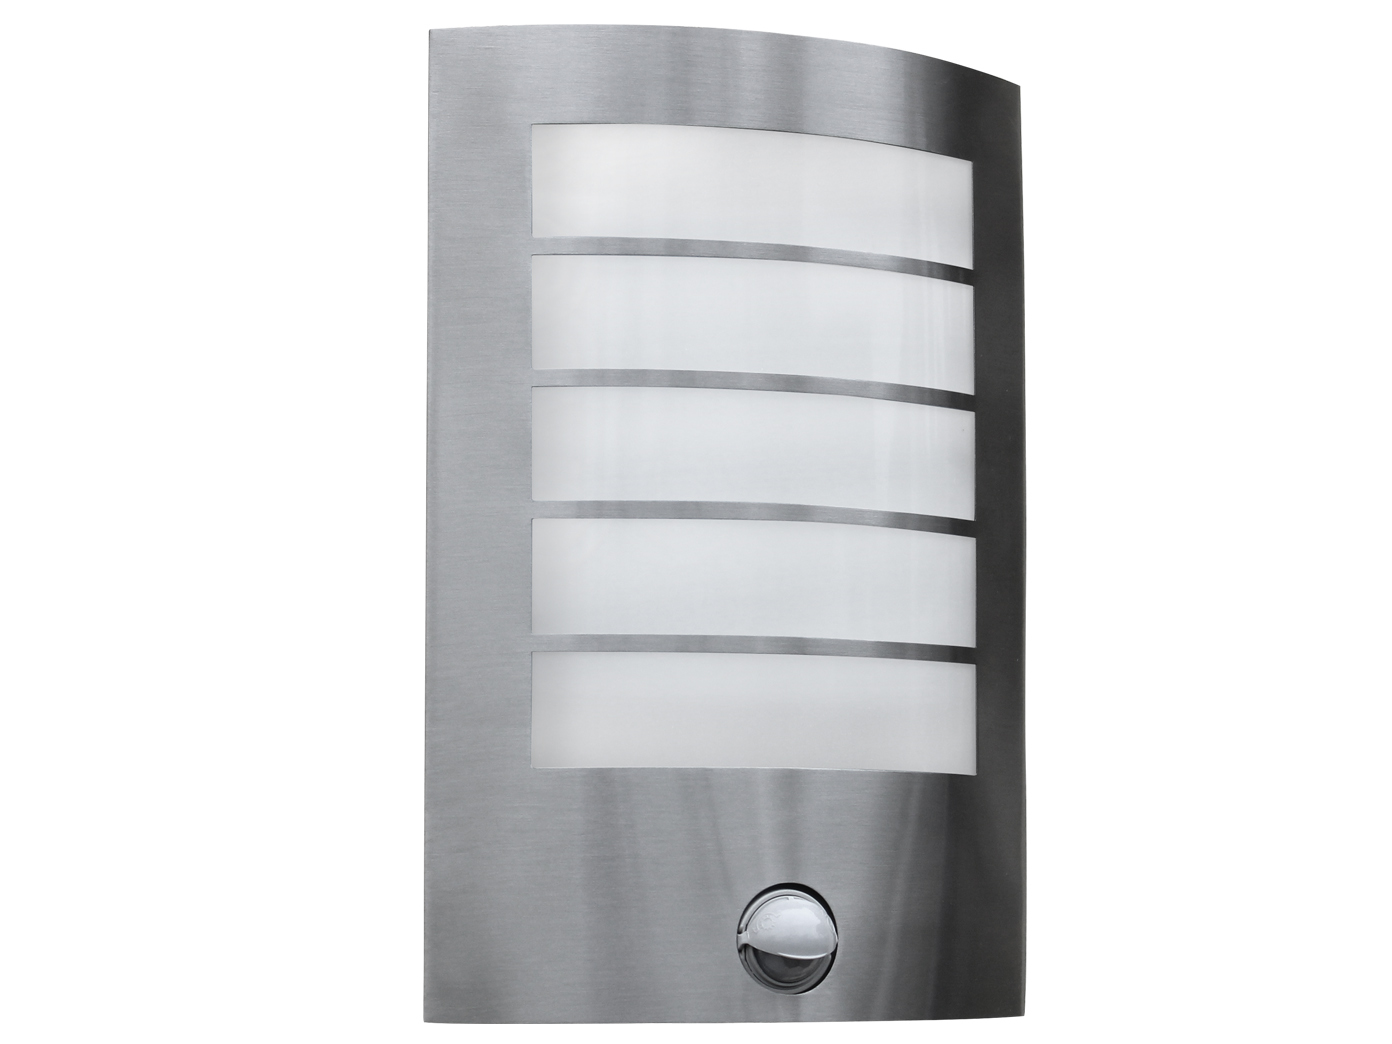 Top Edelstahl Außenwandleuchte mit Bewegungsmelder LED Wandleuchte IO56